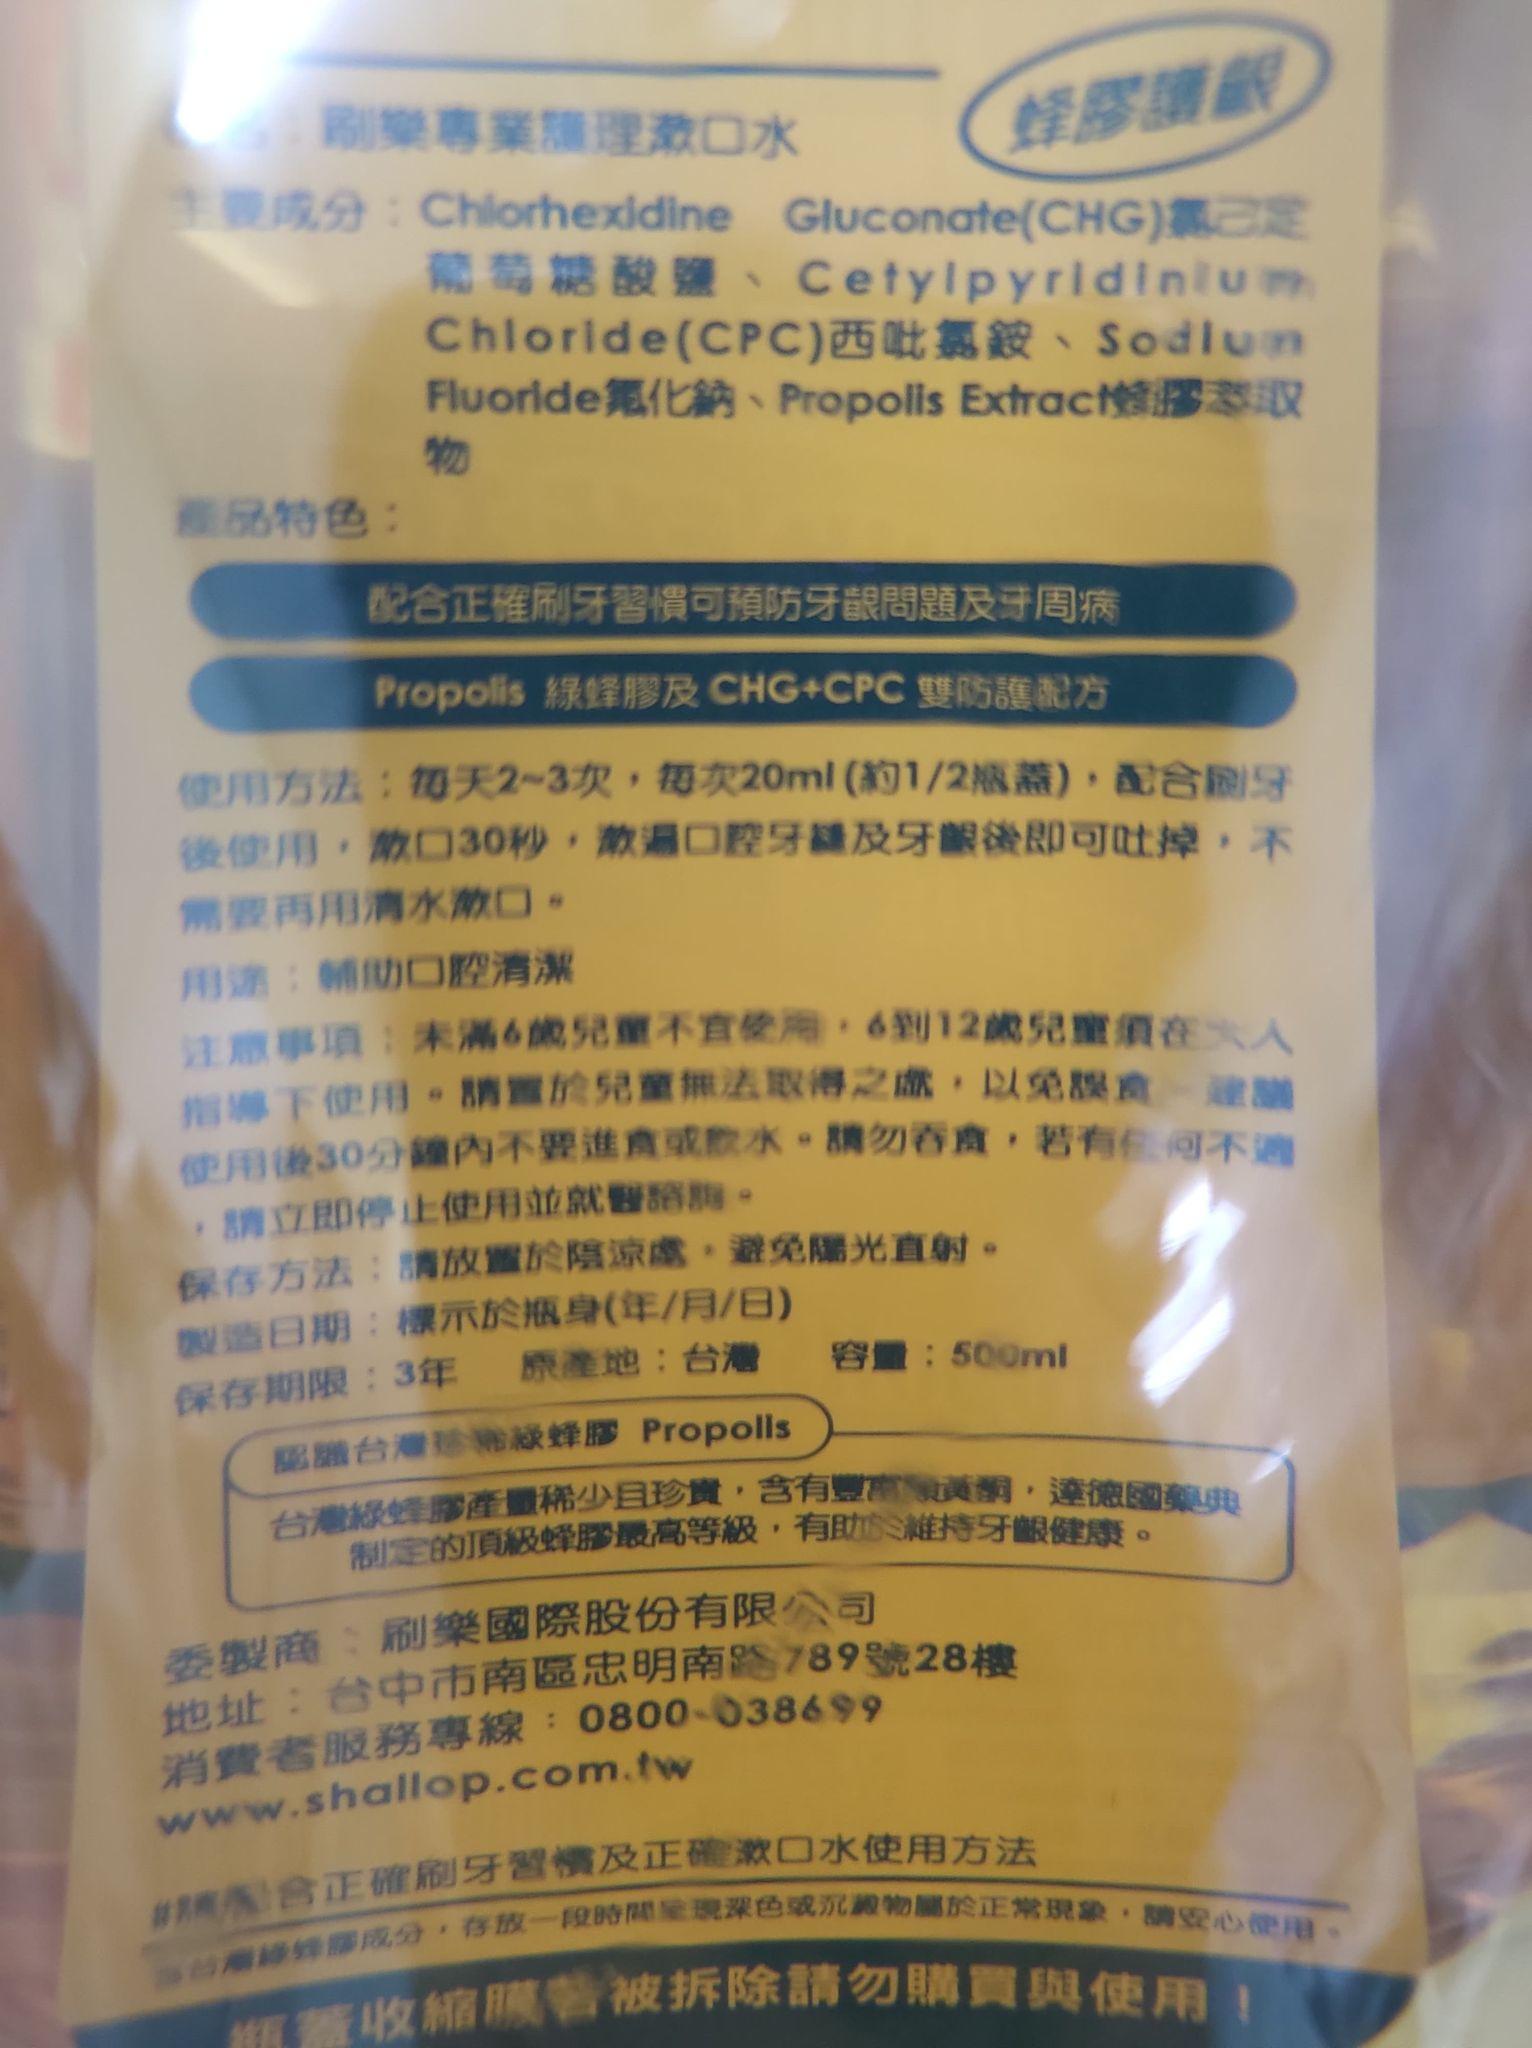 【憨吉小舖】【超值1+1兩入組】刷樂專業護理漱口水 蜂膠護齦500mLX2入組 頂級綠蜂膠萃取